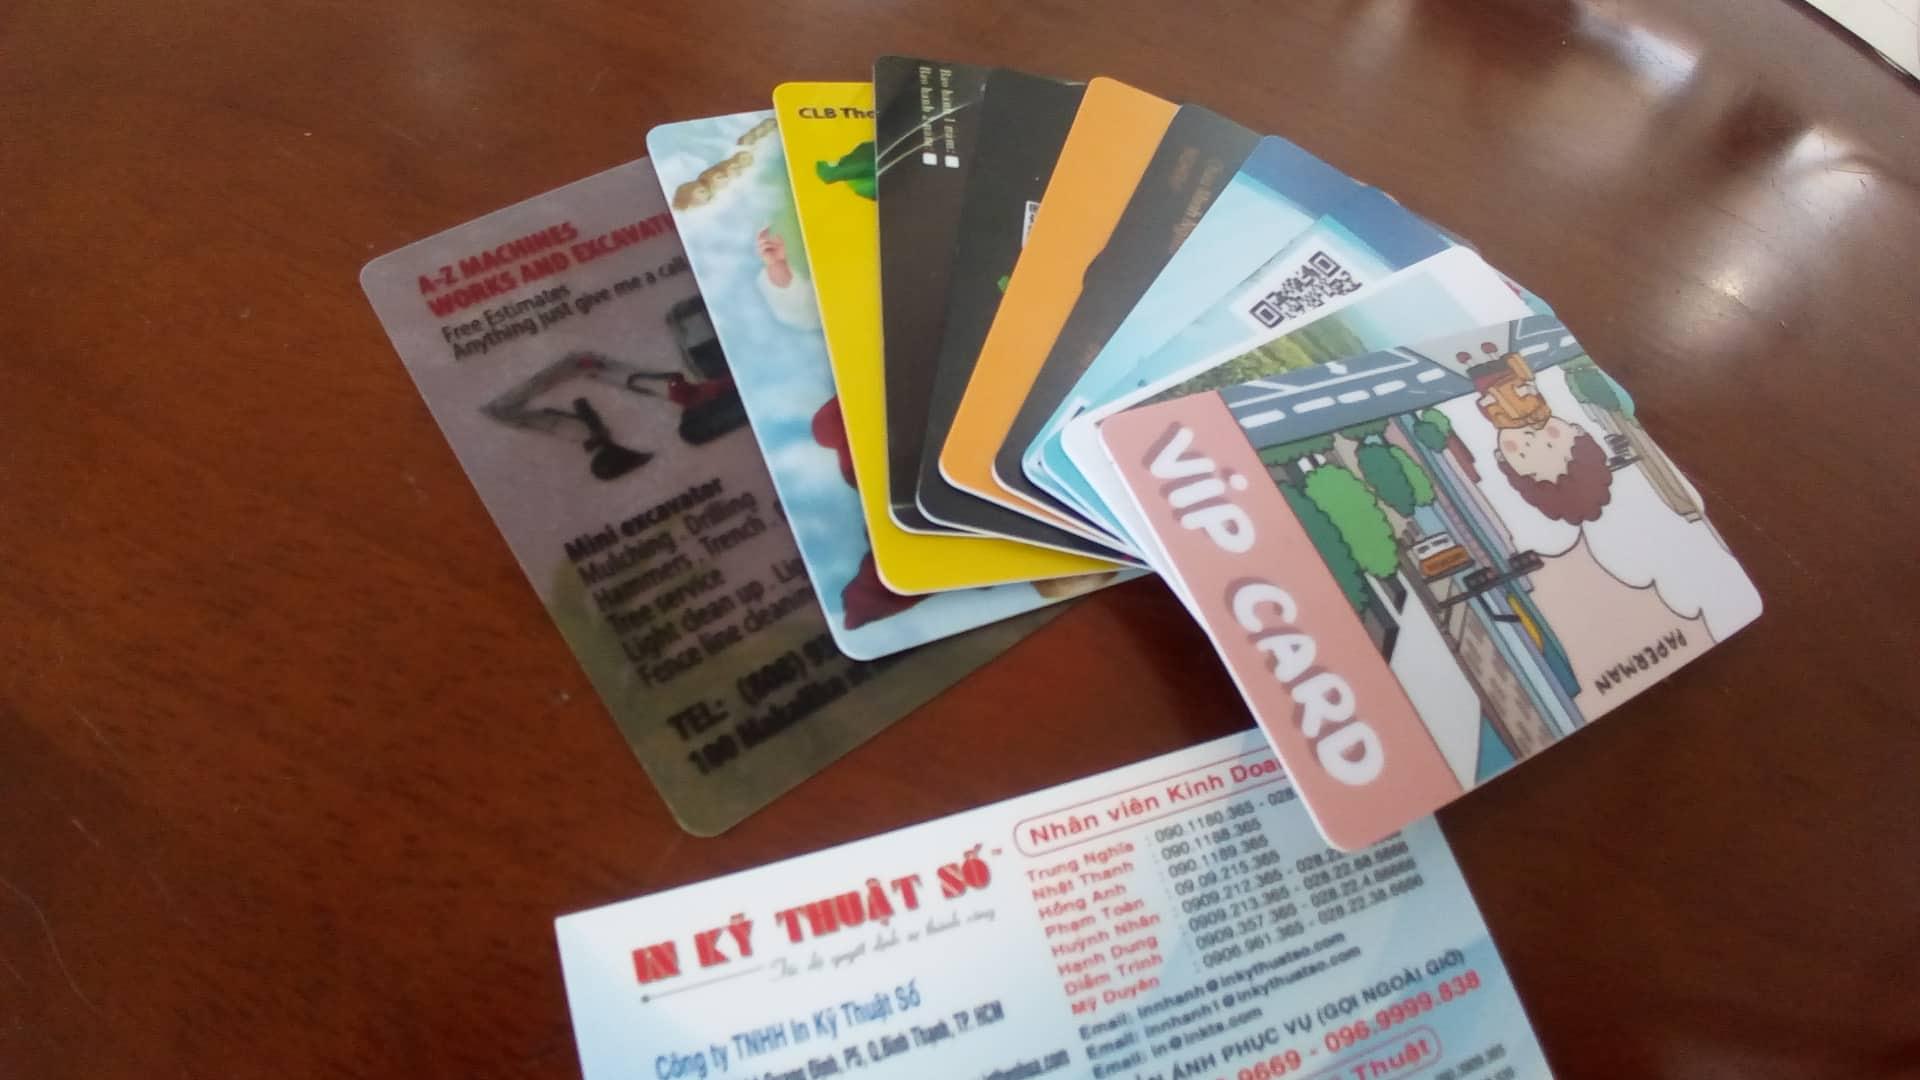 Thẻ nhựa làm thẻ khách